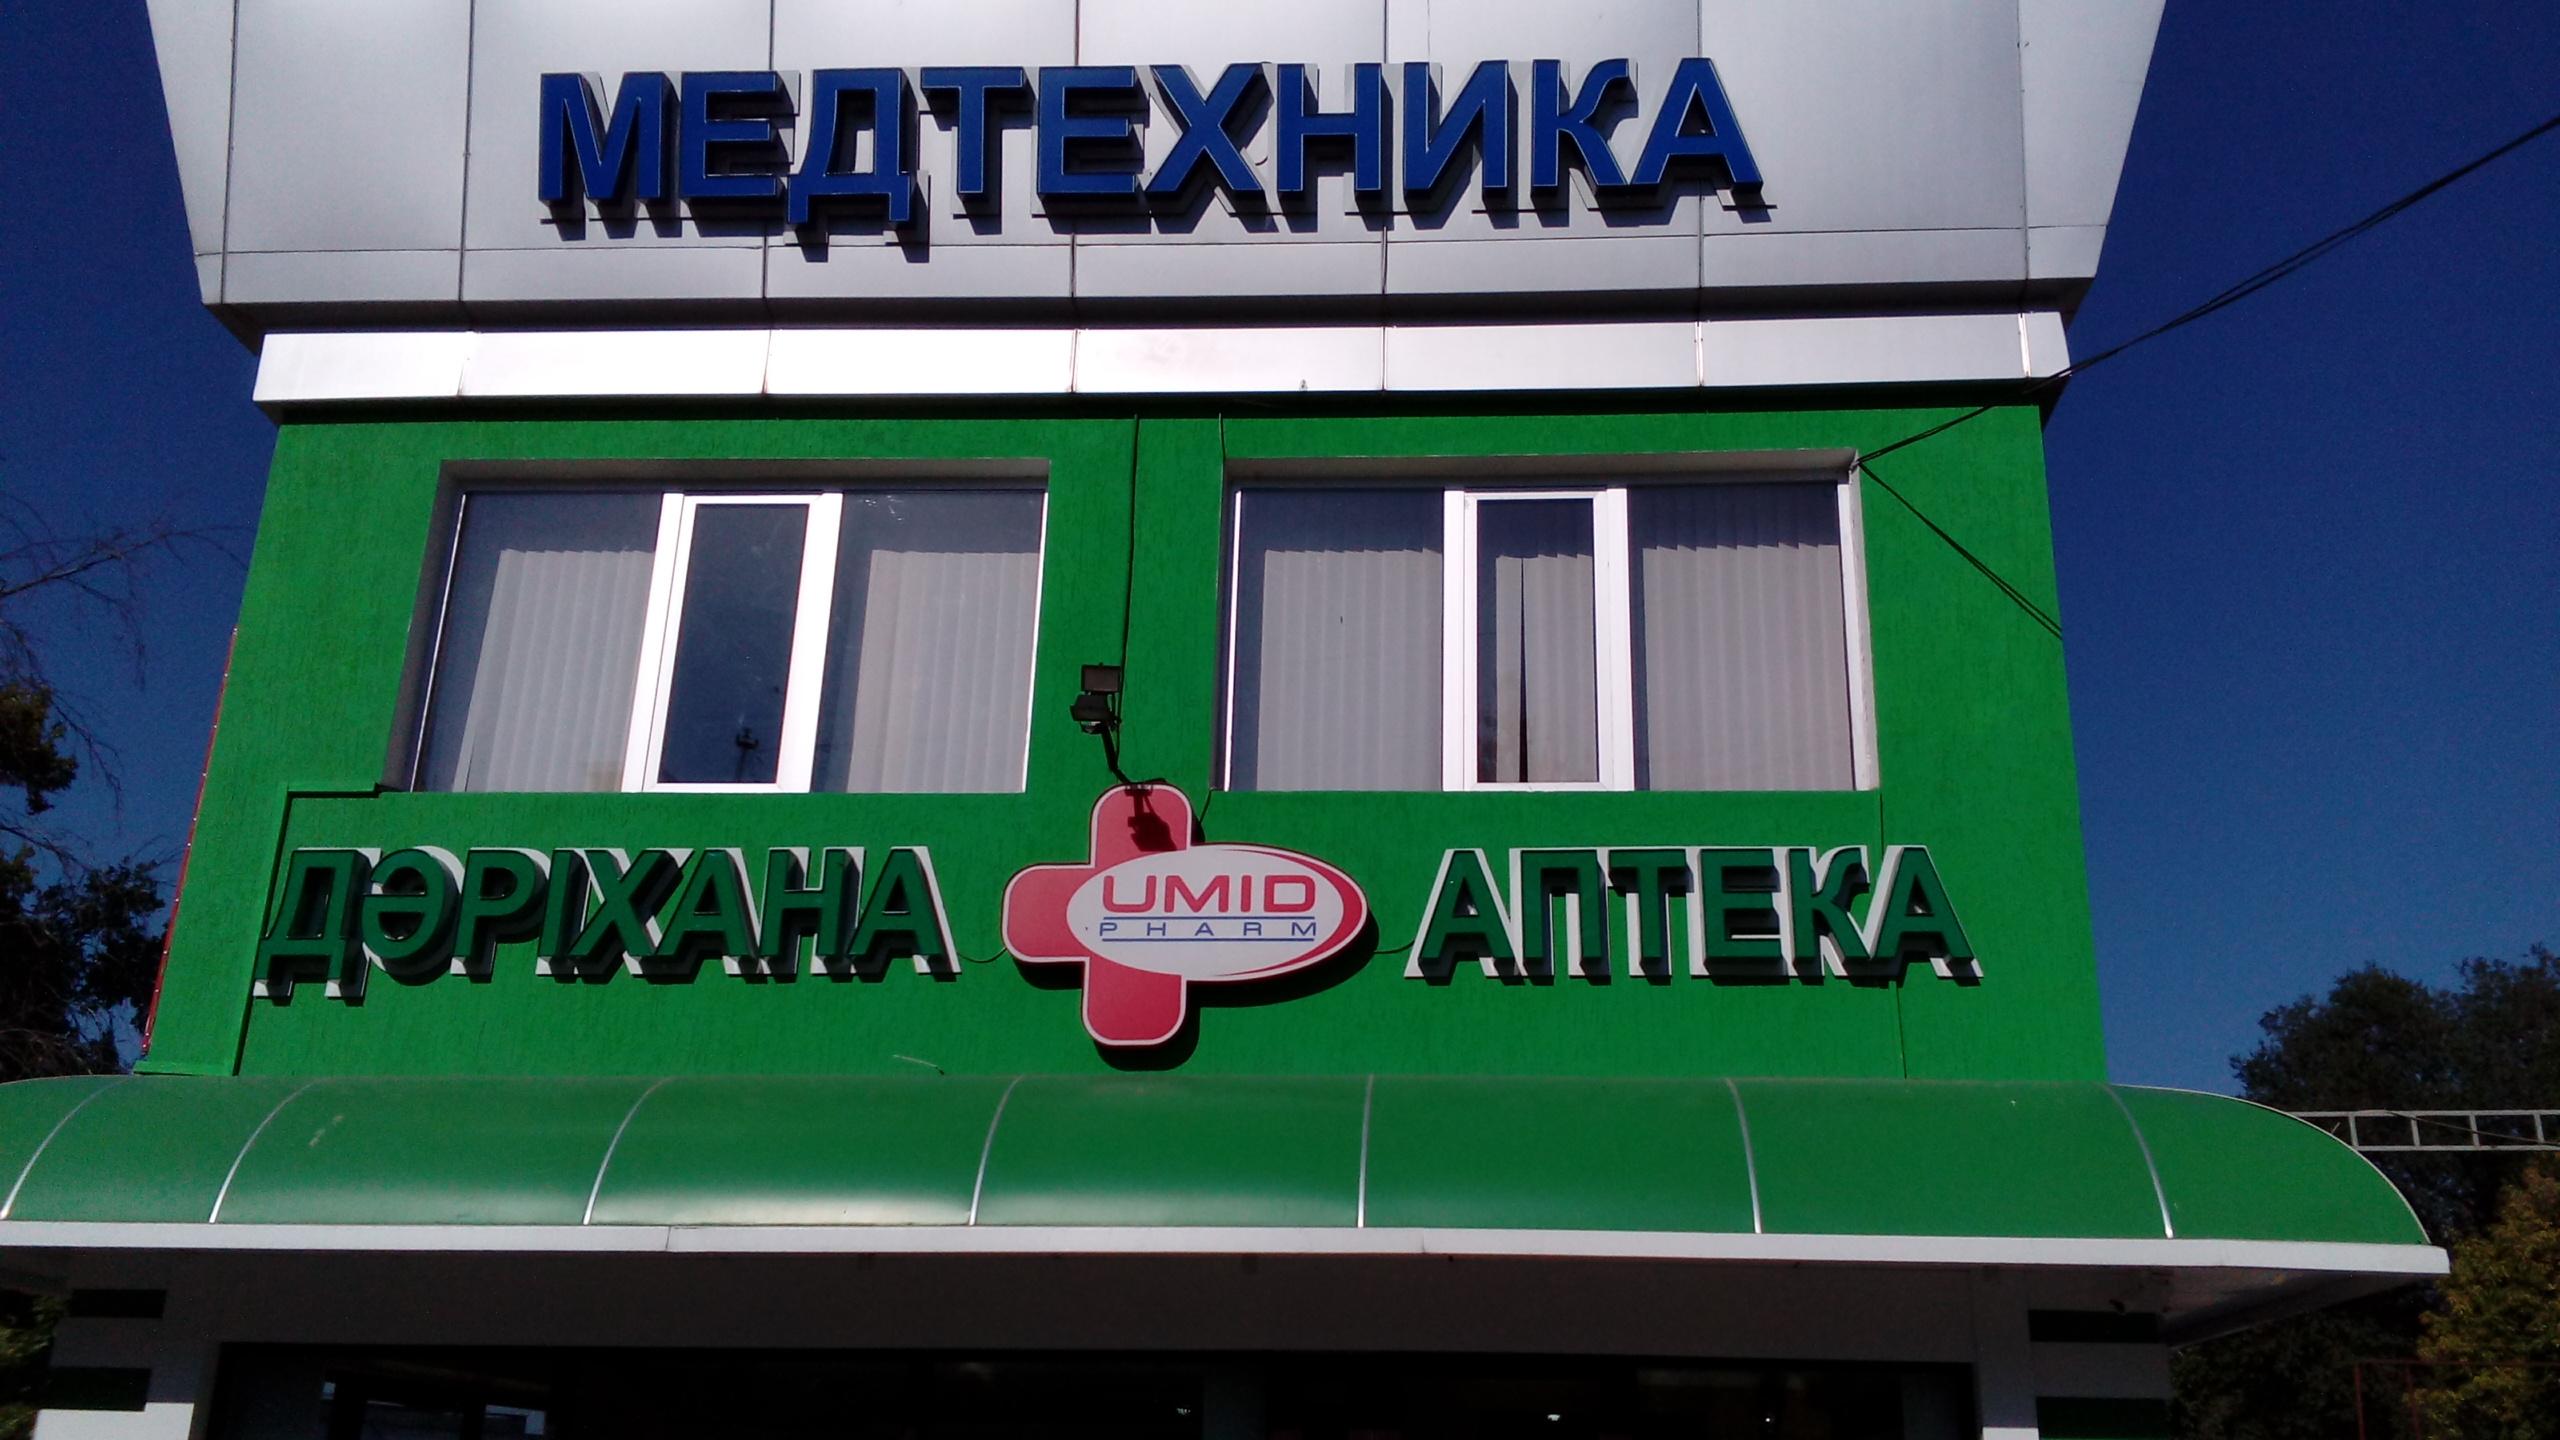 """АПТЕКА """"UMID-PHARM""""- МЕДТЕХНИКА (НА КРЕМЛЁВСКОЙ)"""